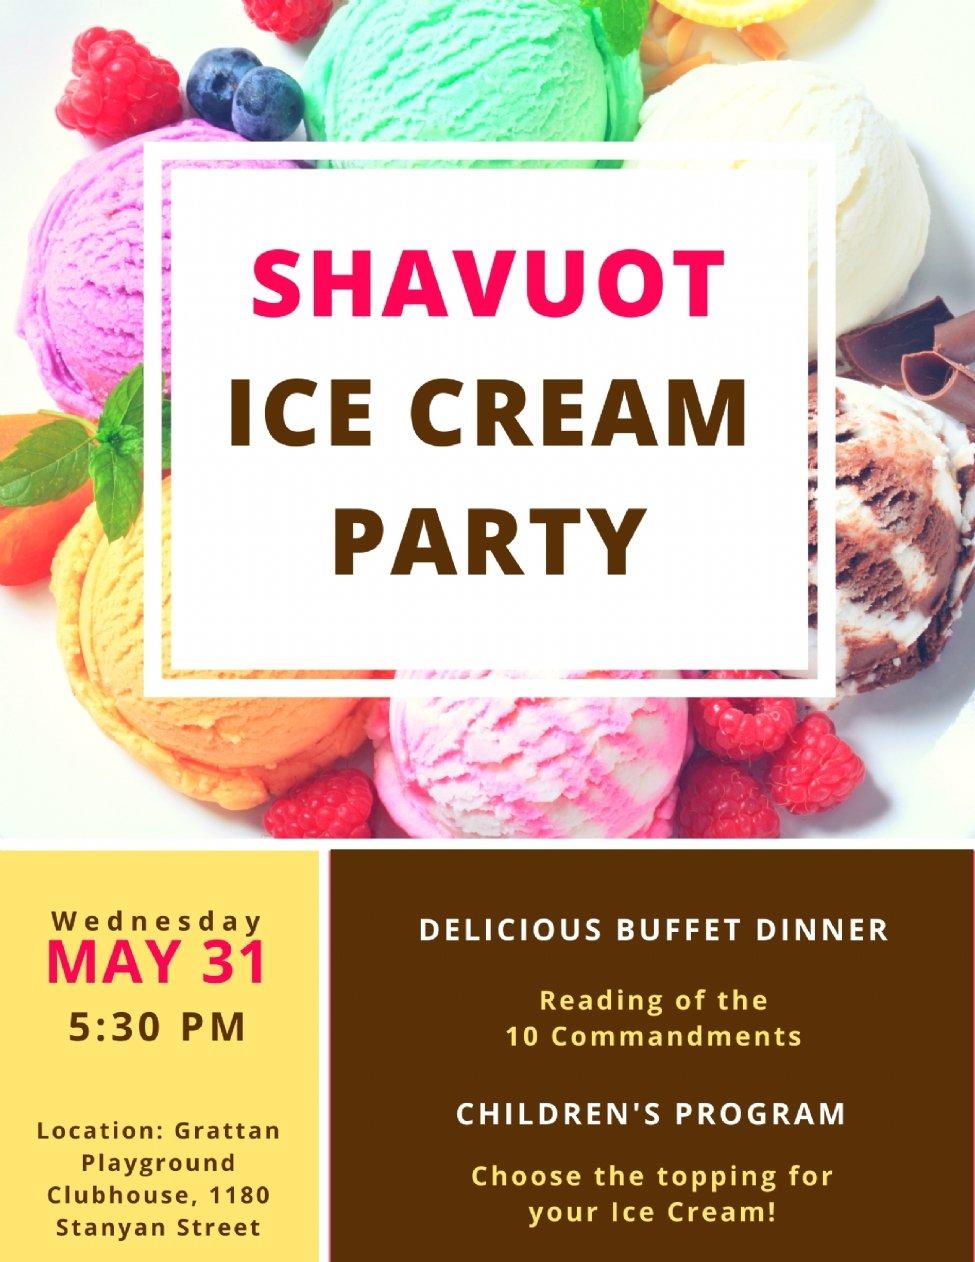 Shavuot Ice Cream Party.jpg